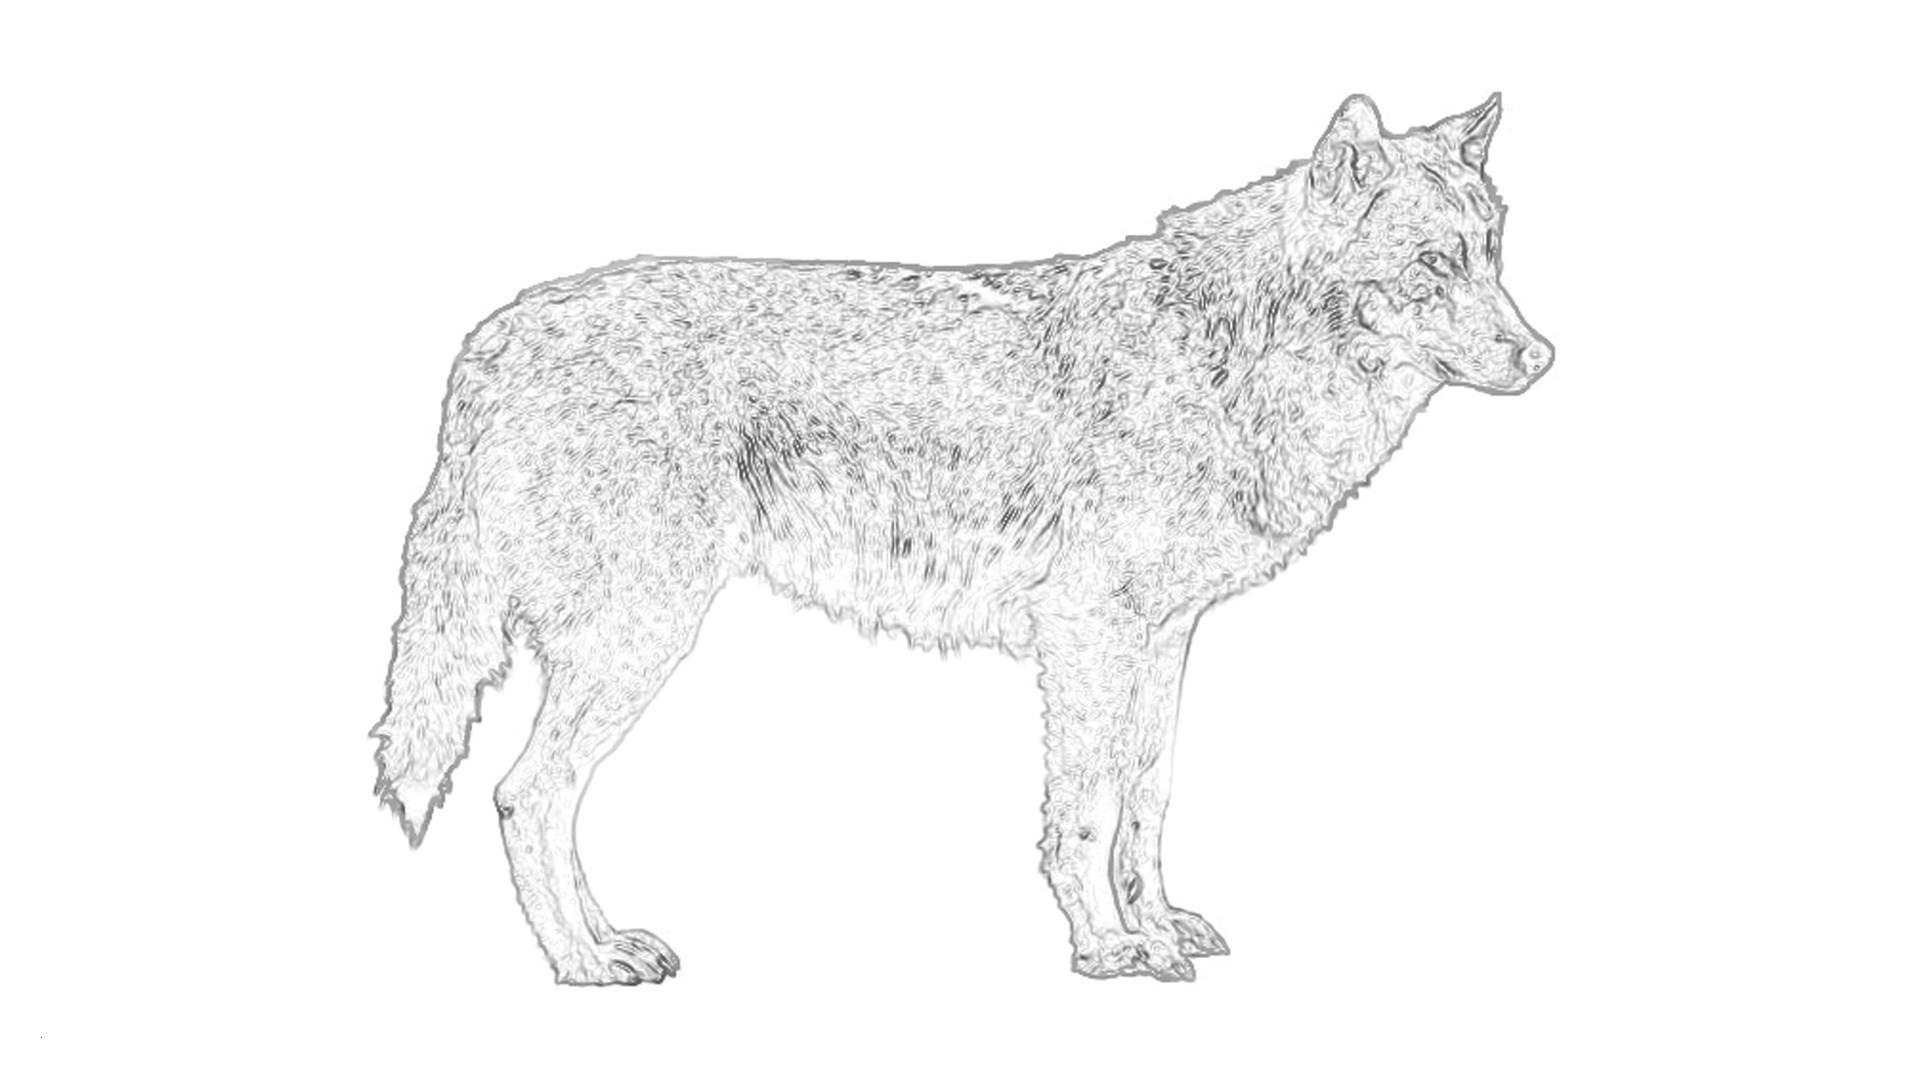 Kleeblatt Zum Ausdrucken Genial Ausmalbilder Zum Ausdrucken Wolf Einzigartig Malvorlagen Igel Frisch Stock